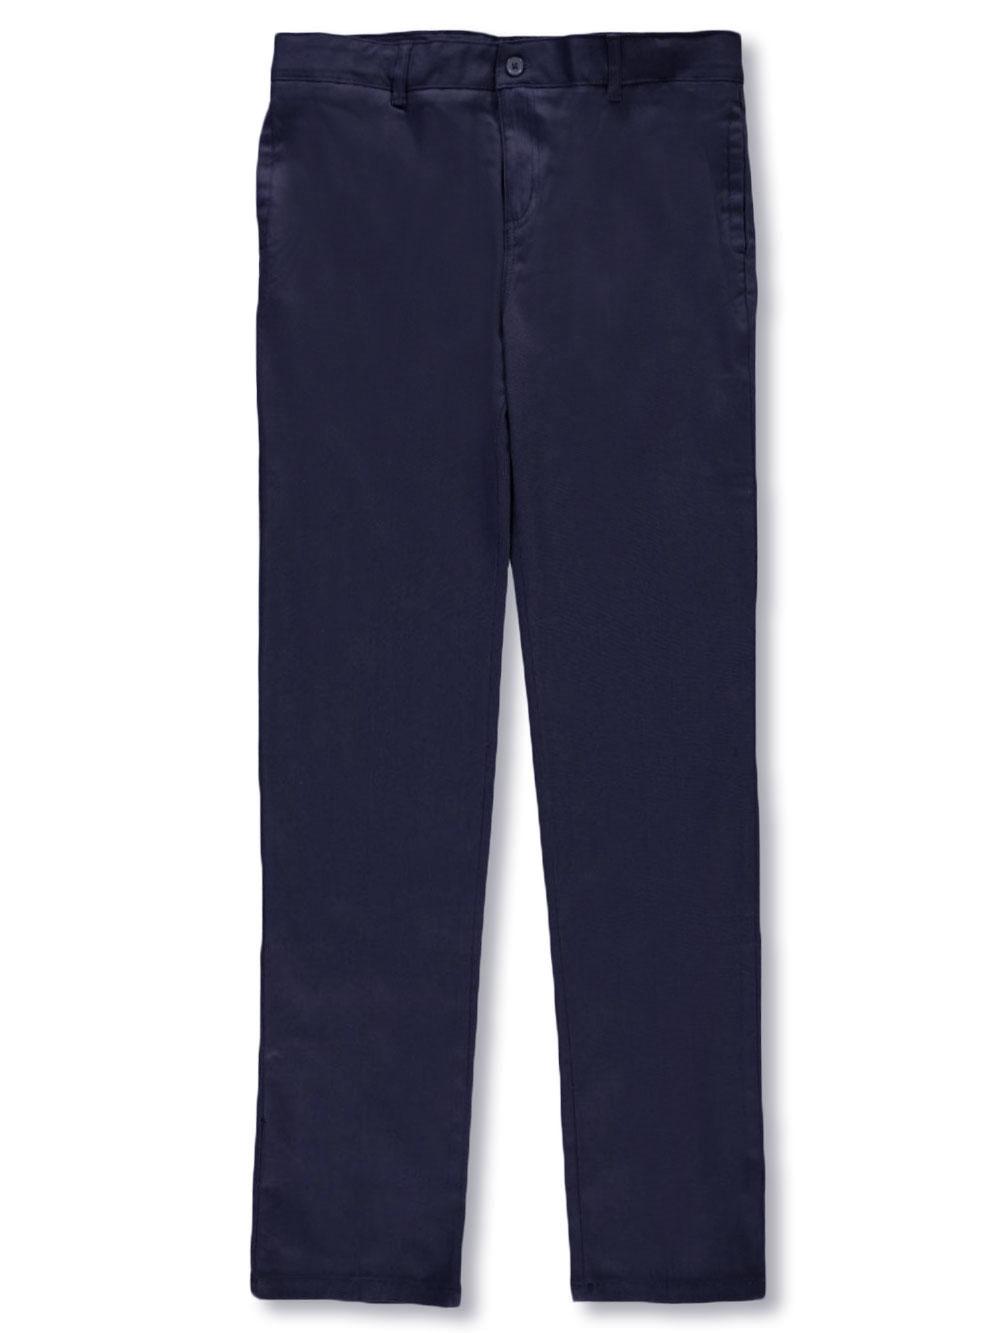 Girls Strudy Fit School Wear Uniform Trouser Boy Stretchy Half Elasticated Pants